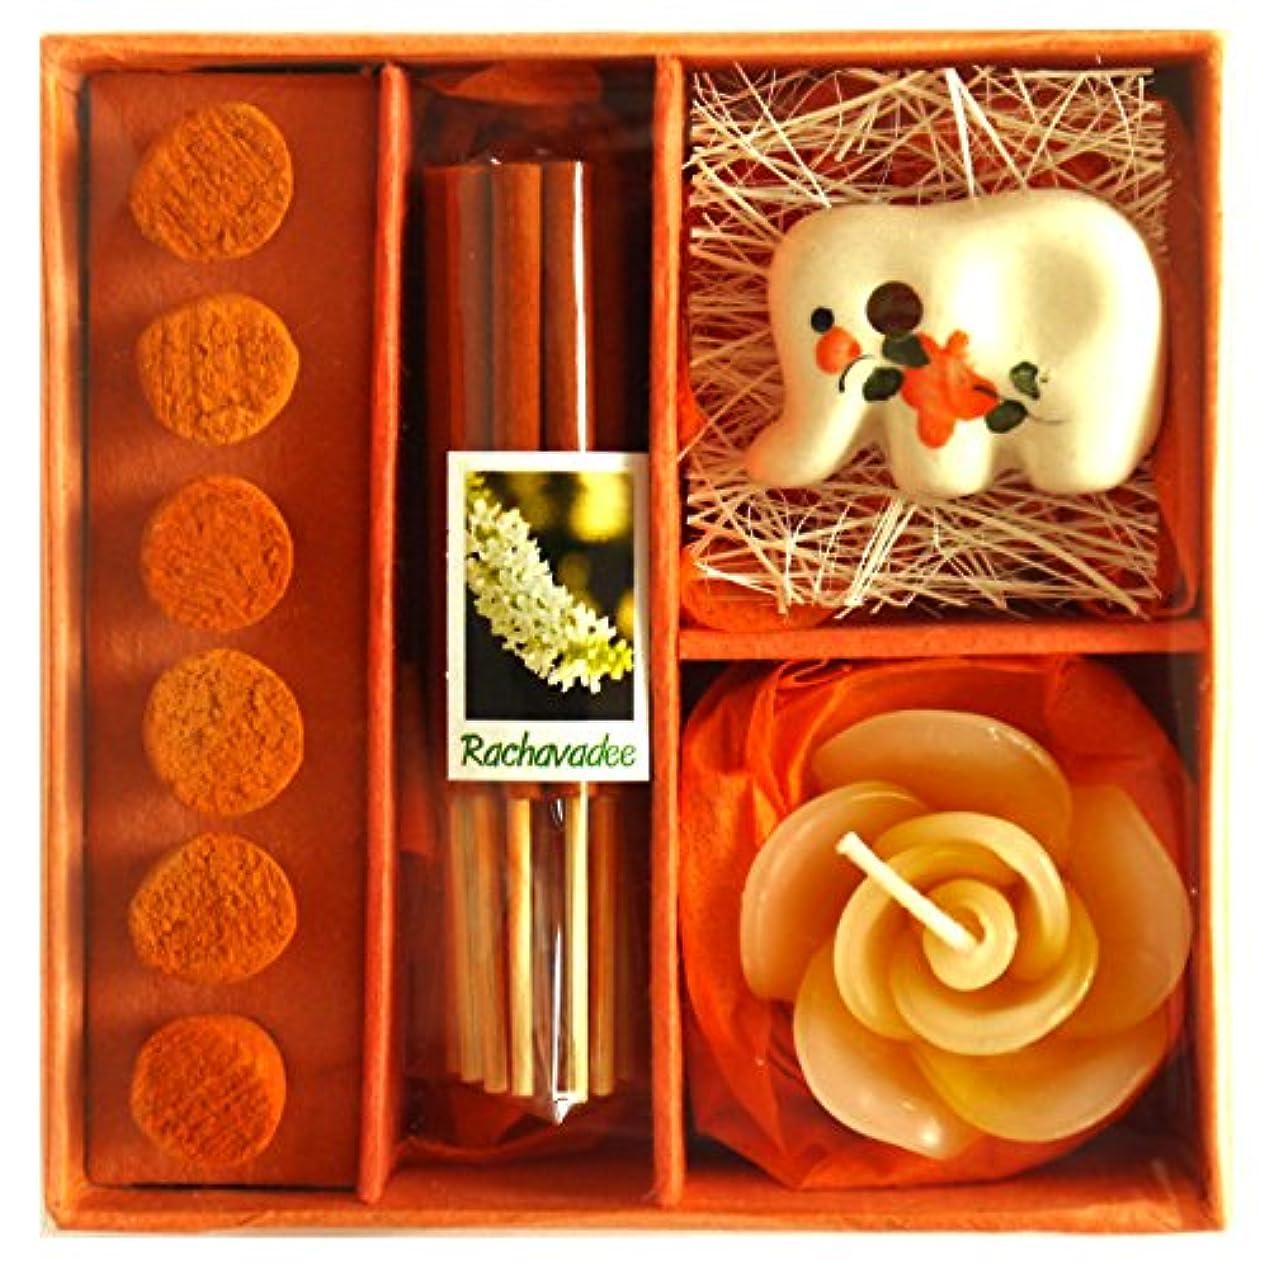 トライアスロンロードされたアリアロマギフトBOX 退職ギフト 色おまかせ 香りつきアロマキャンドル 2種類のお香 陶器製お香立ての入ったギフトセット サンキューシール付き